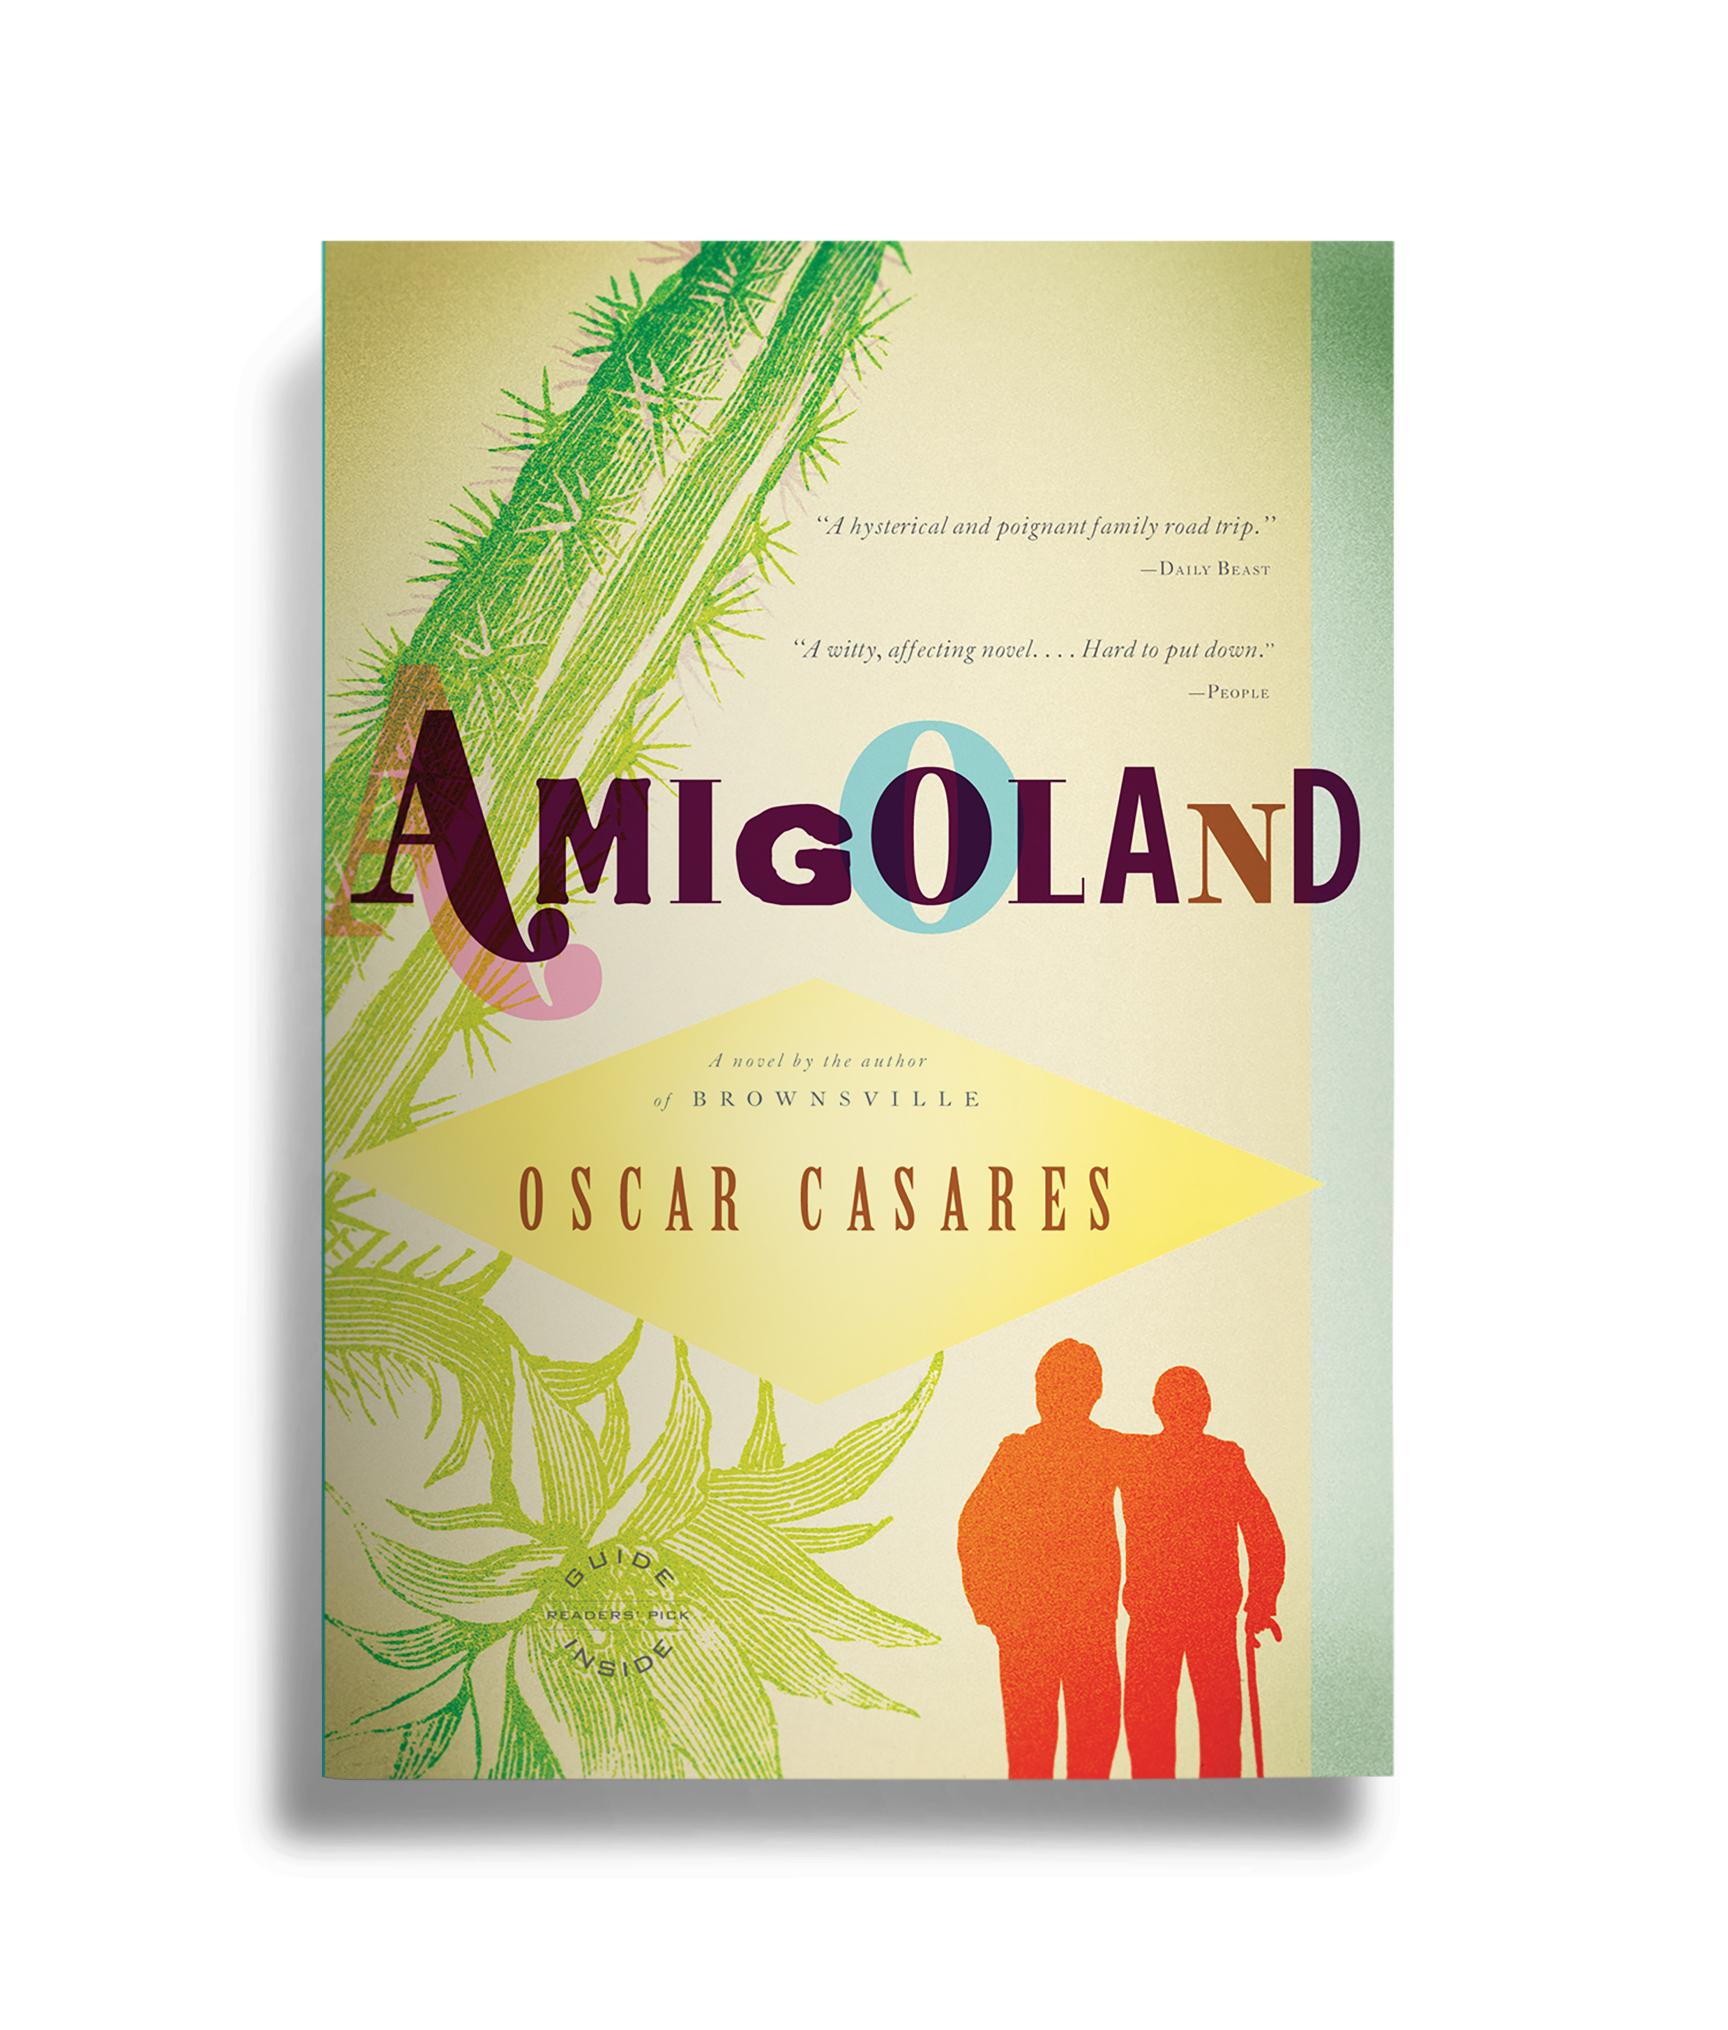 Amigoland , by Oscar Casares